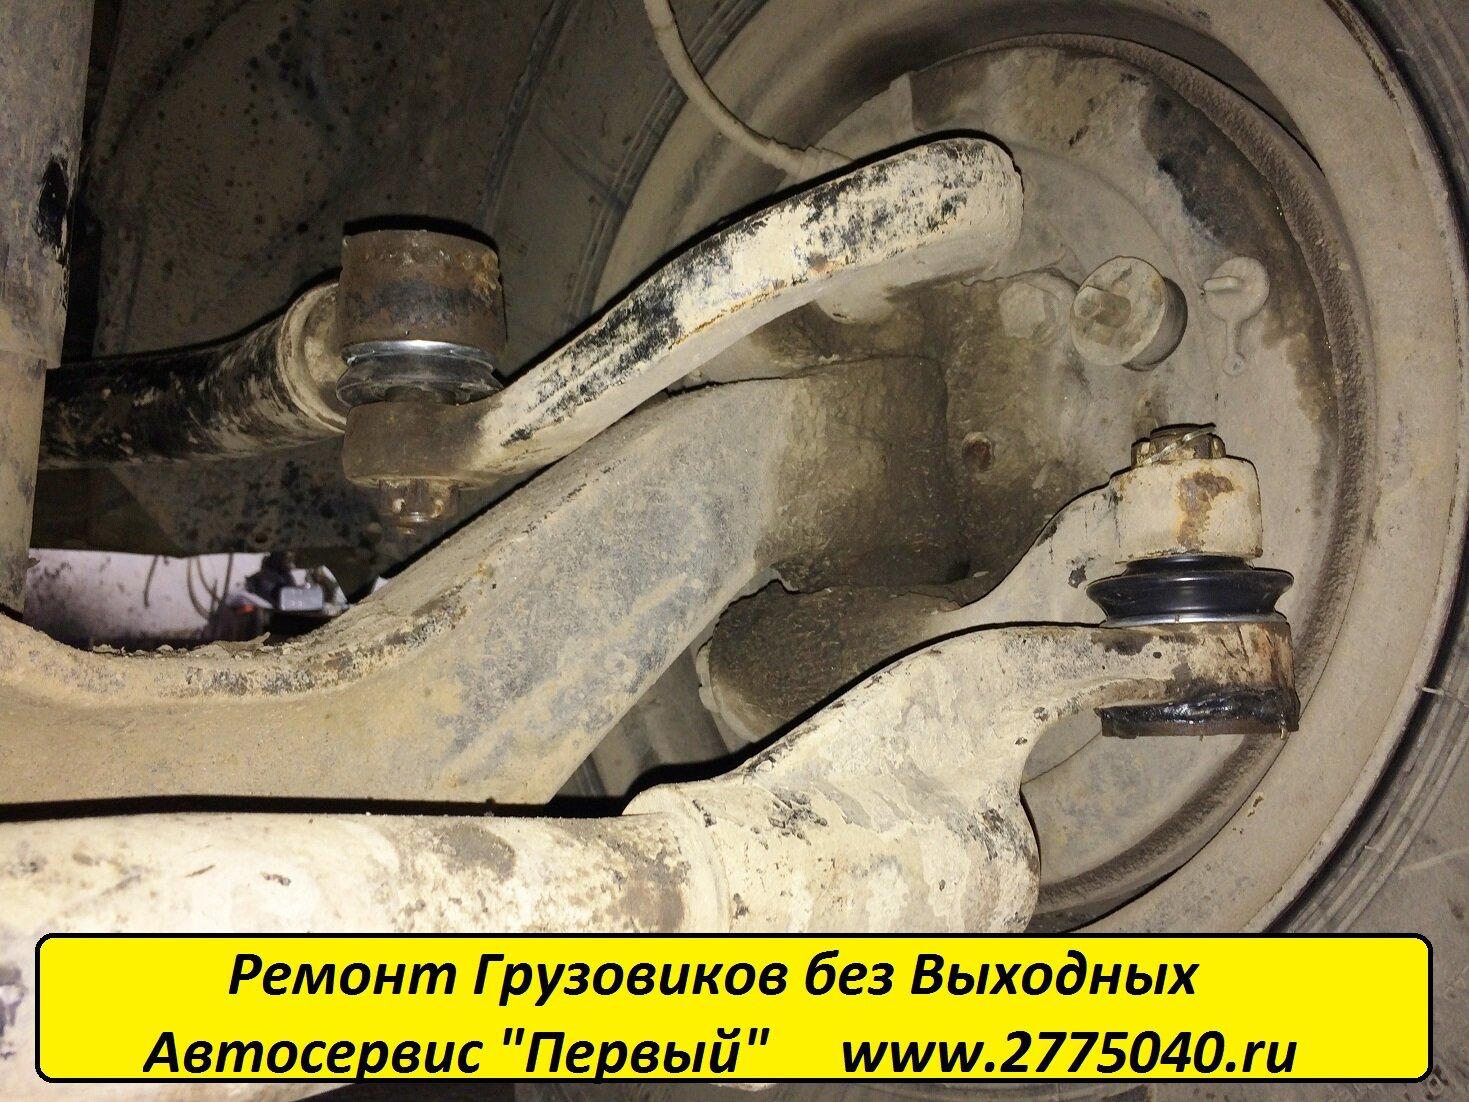 Разборные наконечники рулевых тяг. Ремонт ходовки. Автосервис Первый. Владивосток